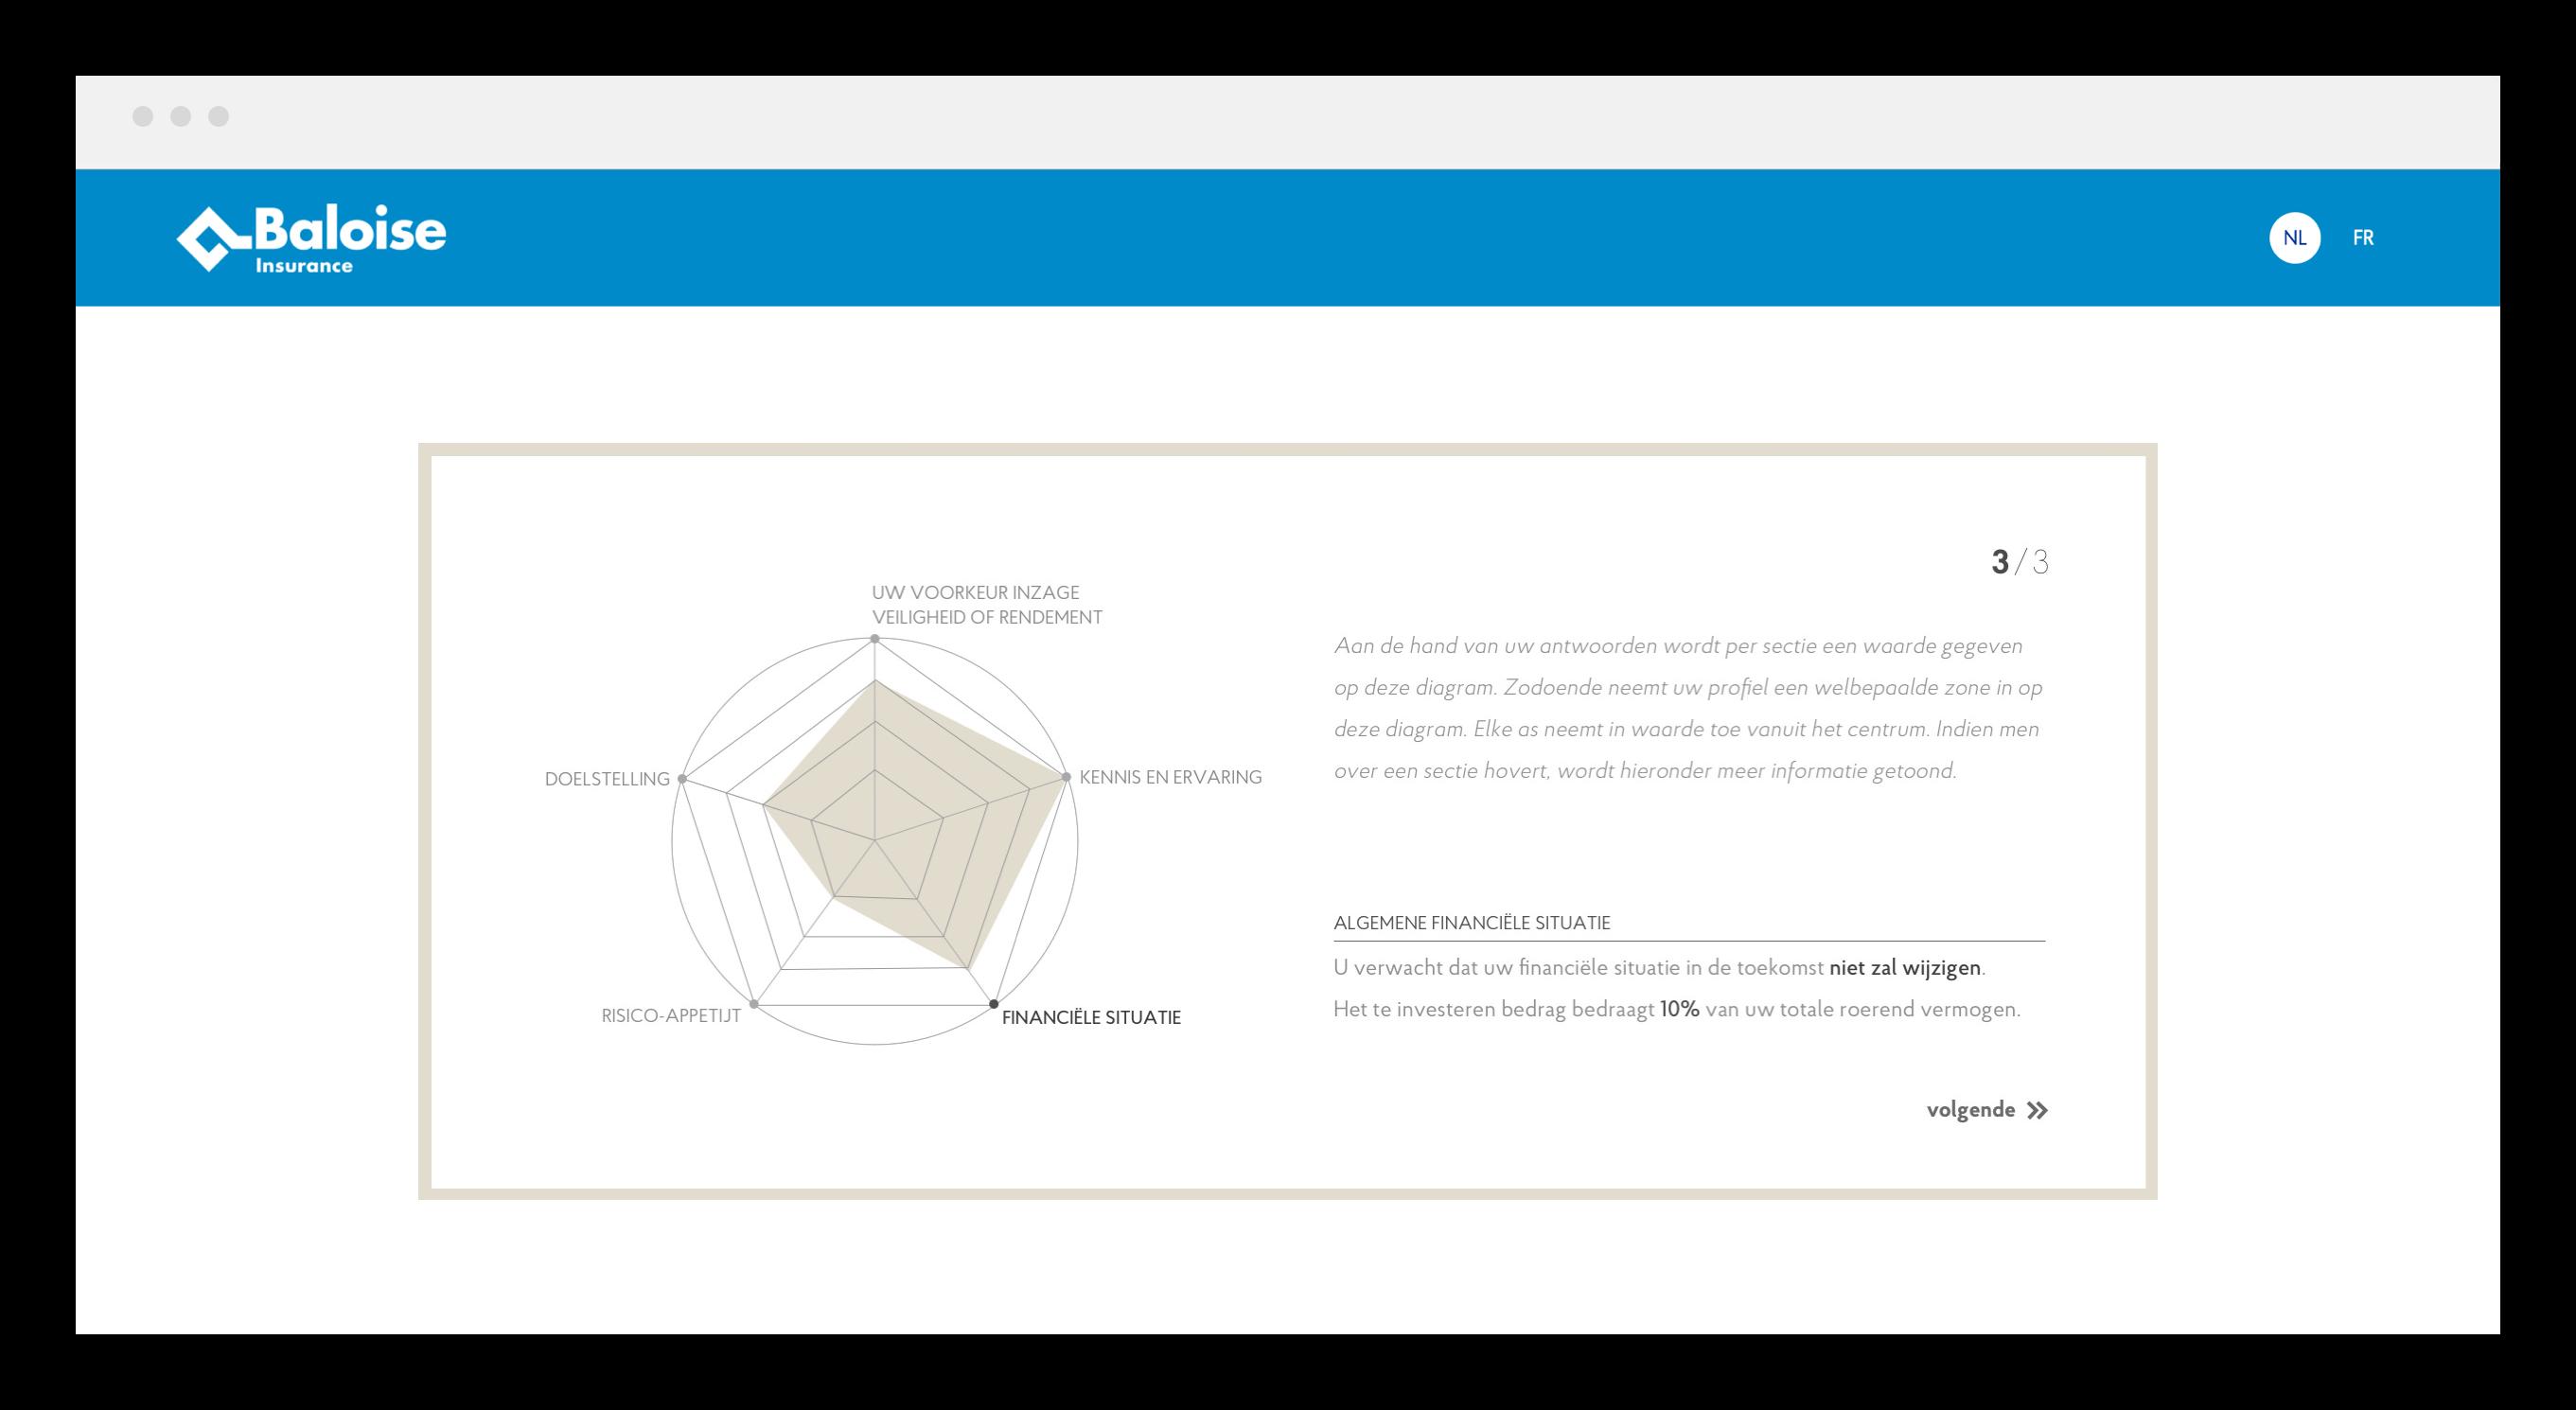 Baloise Screen Image 3